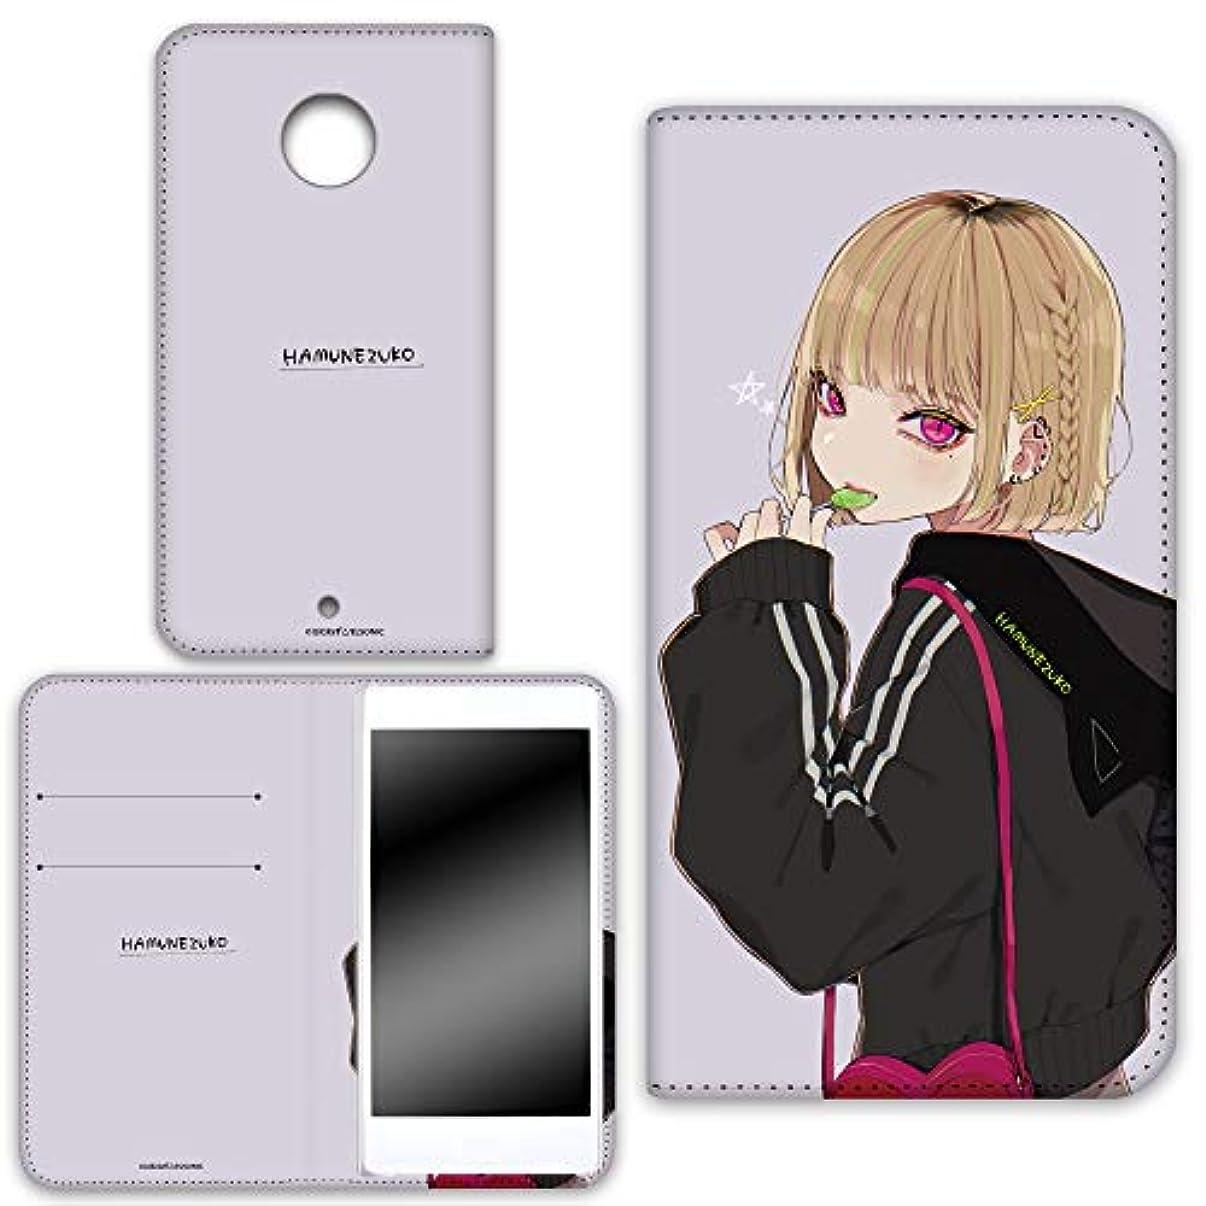 戻るメイドスポットWHITENUTS はむねずこ Nexus6 Shamu XT1112 ケース 手帳型 両面プリント手帳 キャンディガール2D (hm-019) TC-C1282694/LL